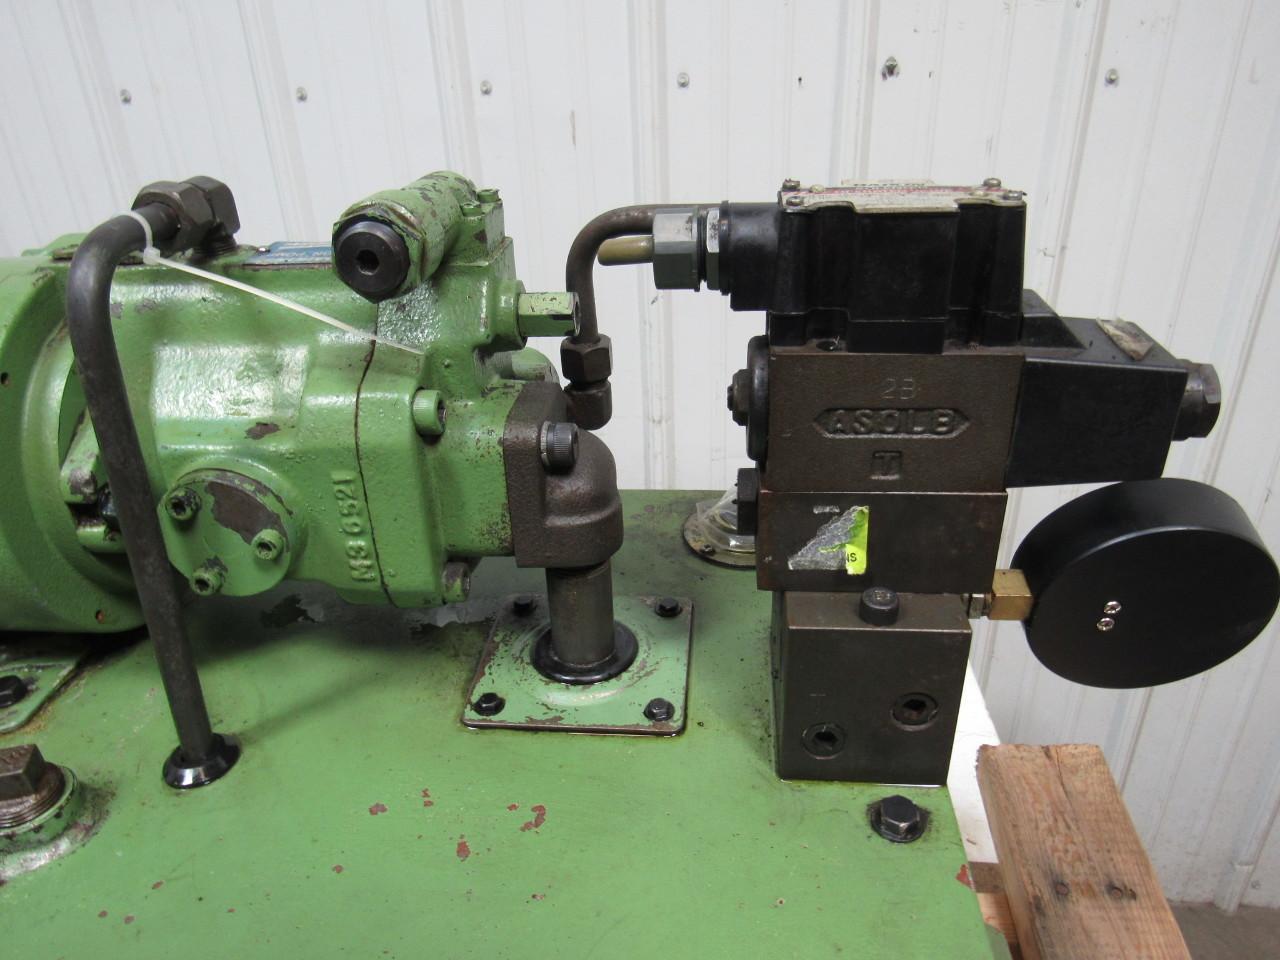 Daikin v15a1ry 85 hydraulic pump w 12 gallon tank 220v for Hydraulic pump with motor